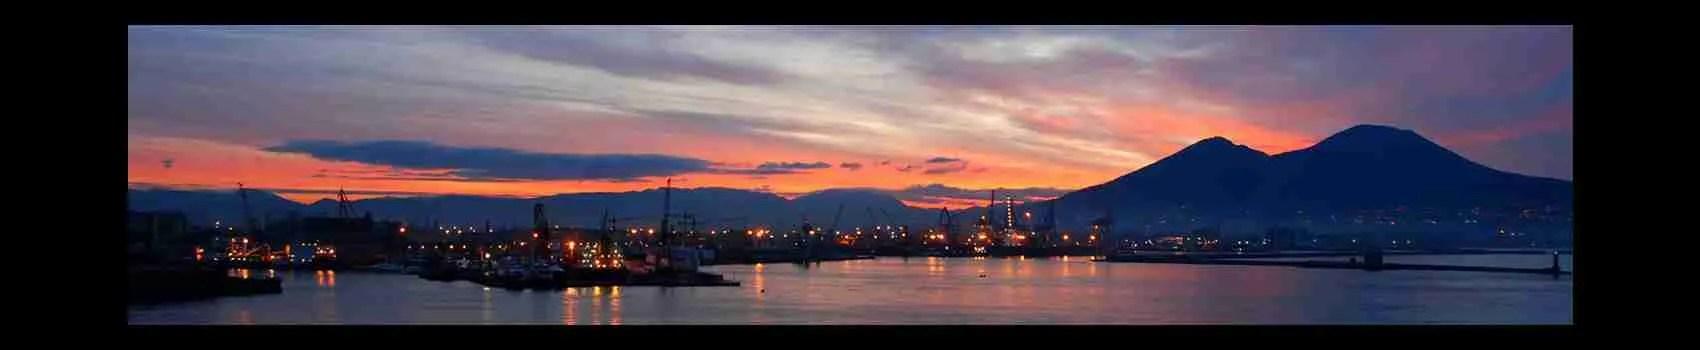 Lo splendido Golfo di Napoli con il Vesuvio sullo sfondo al tramonto. Una vista mozzafiato da assaporare con una splendida escort Napoli. Magica Escort